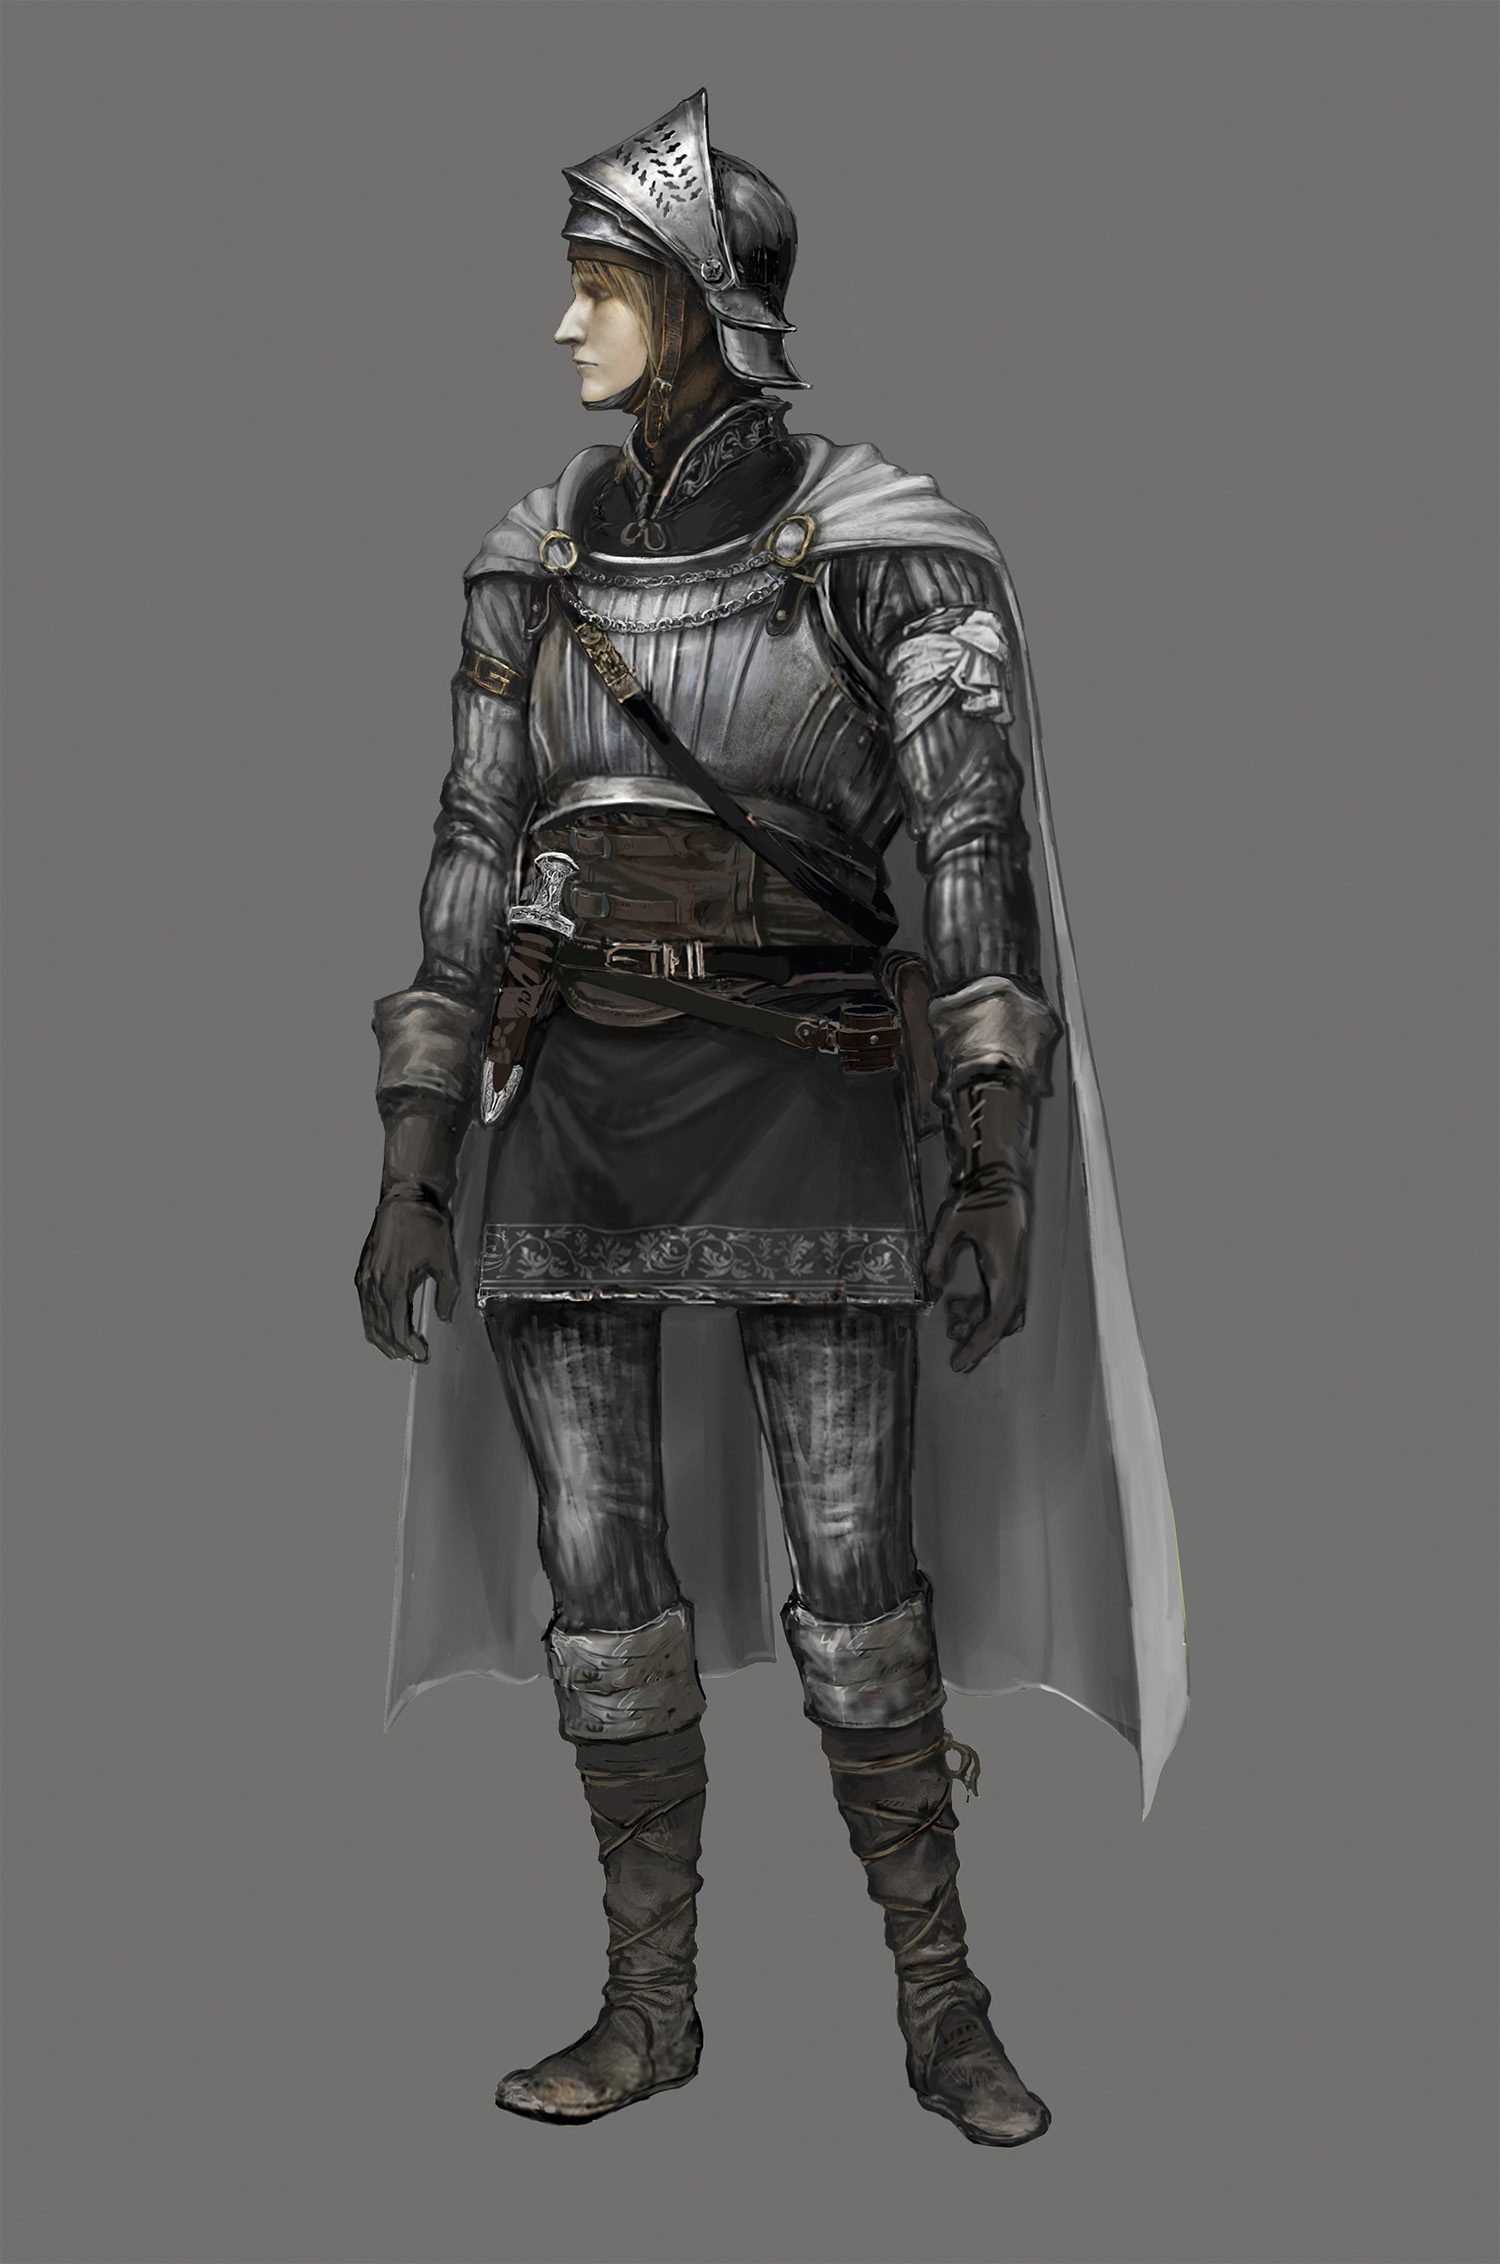 Nové obrázky a artworky z Dark Souls 3 114965